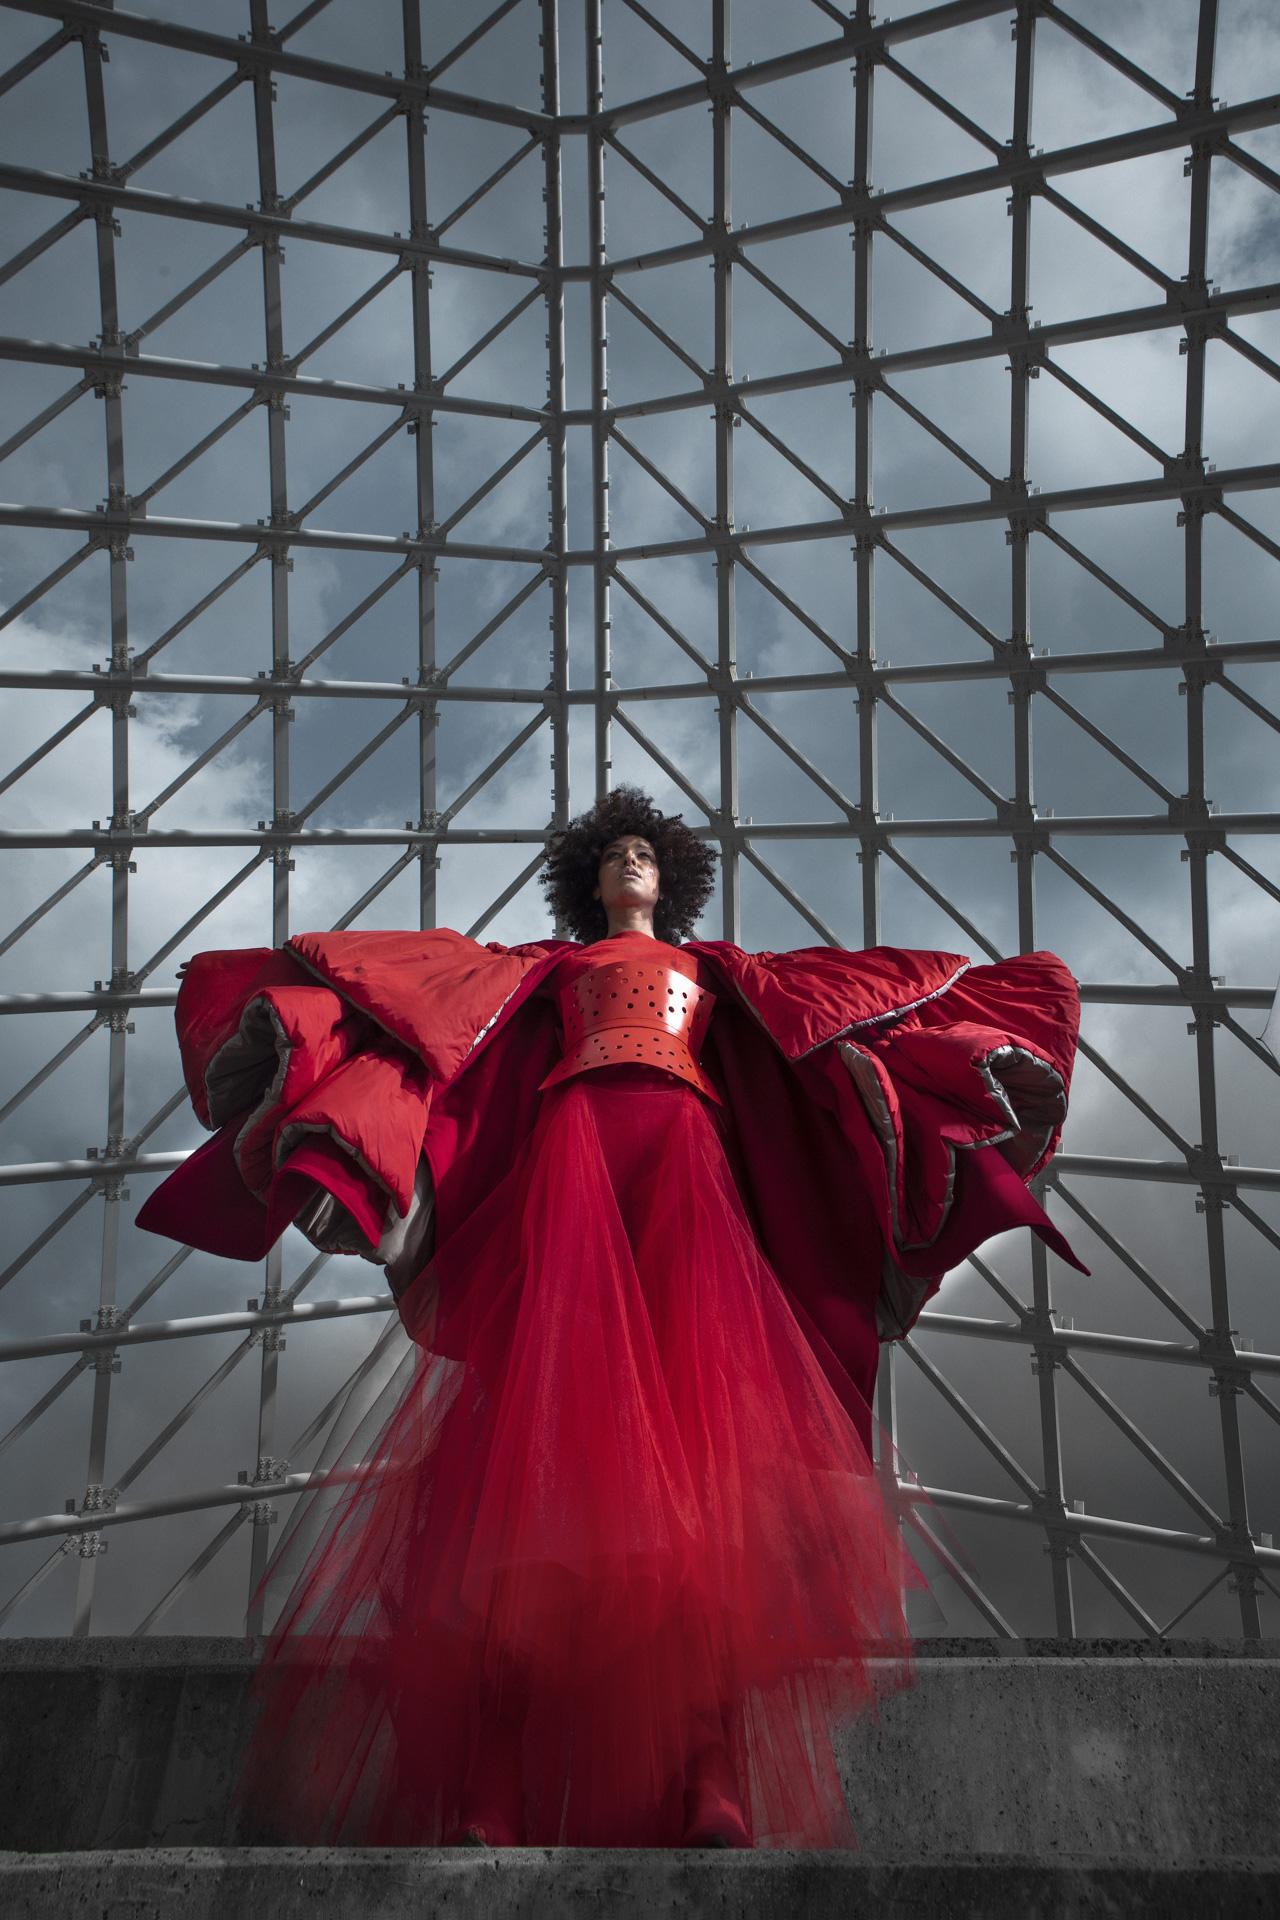 Antonio Martino presenta la collezione haute couture autunno-inverno 2021/22 a Milano Moda Donna